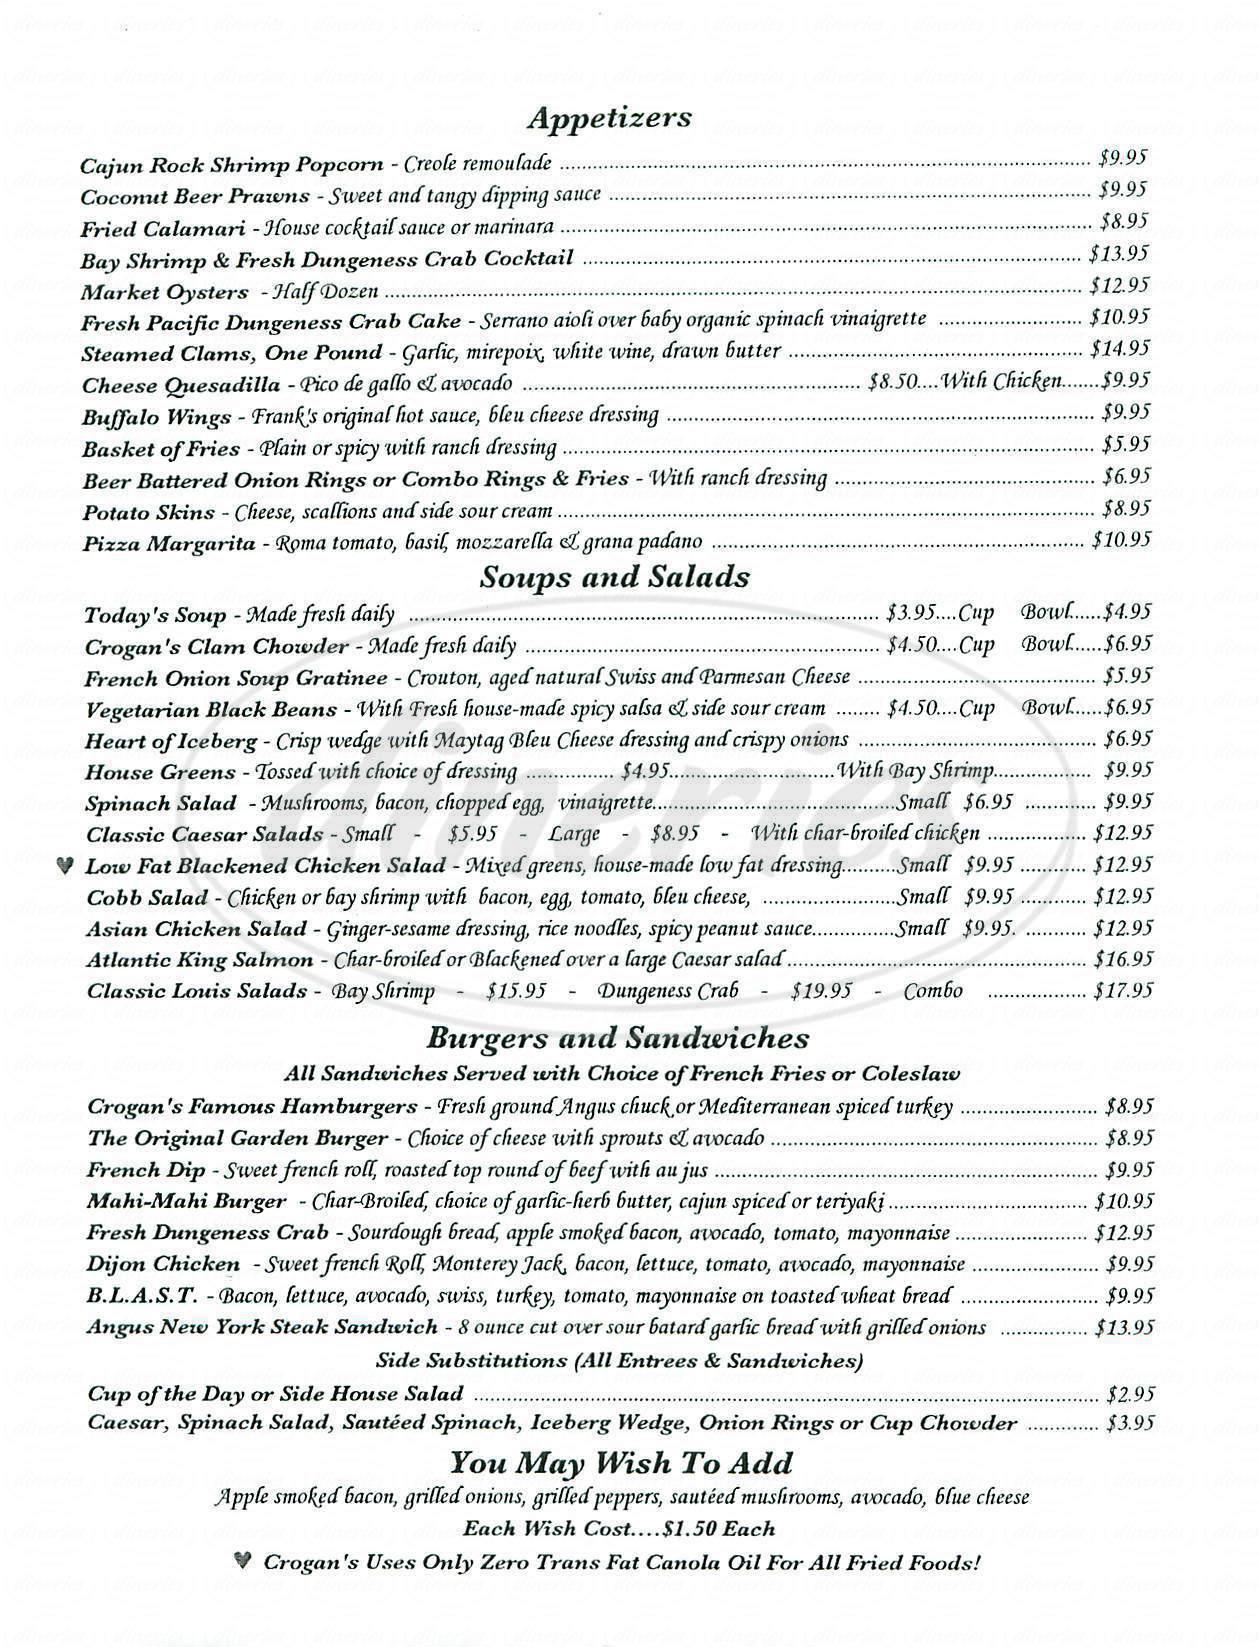 menu for Crogans